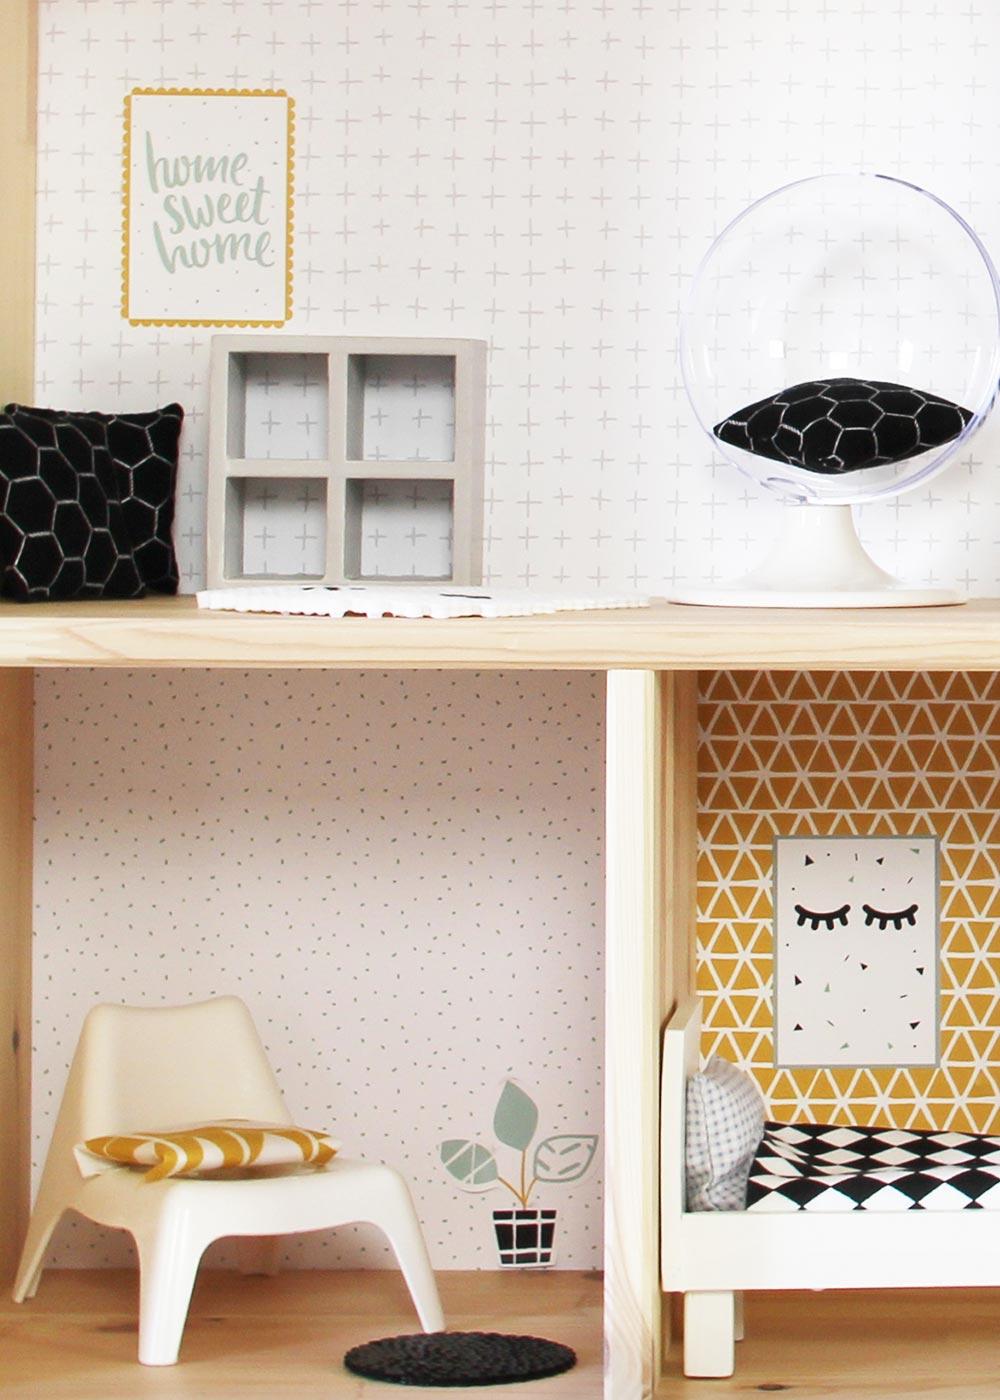 Ikea Flisat Puppenhaus Tapete Lille Stuba mint senf Teilansicht Wohnräume